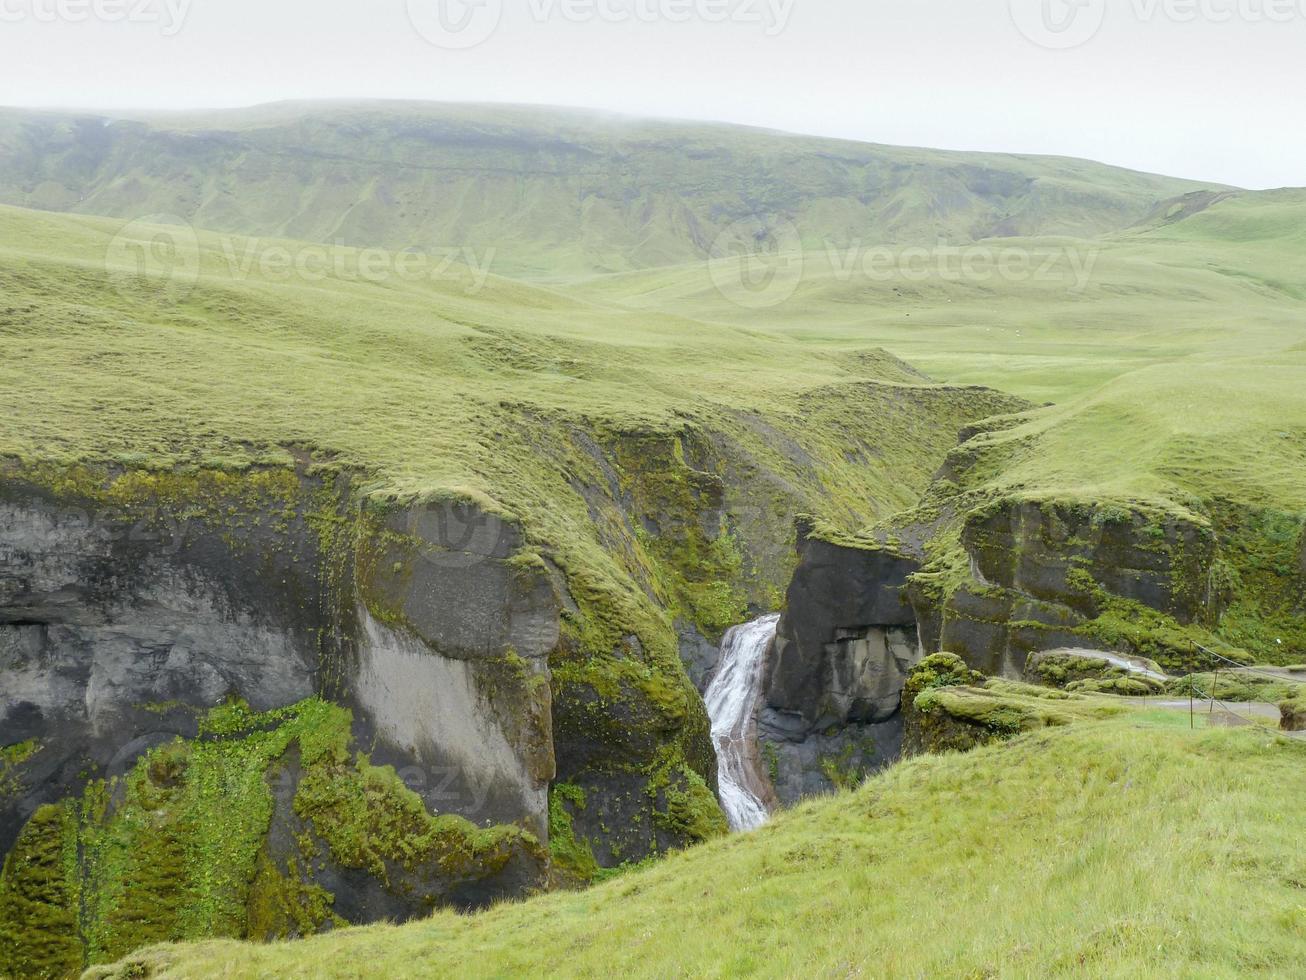 río en islandia foto